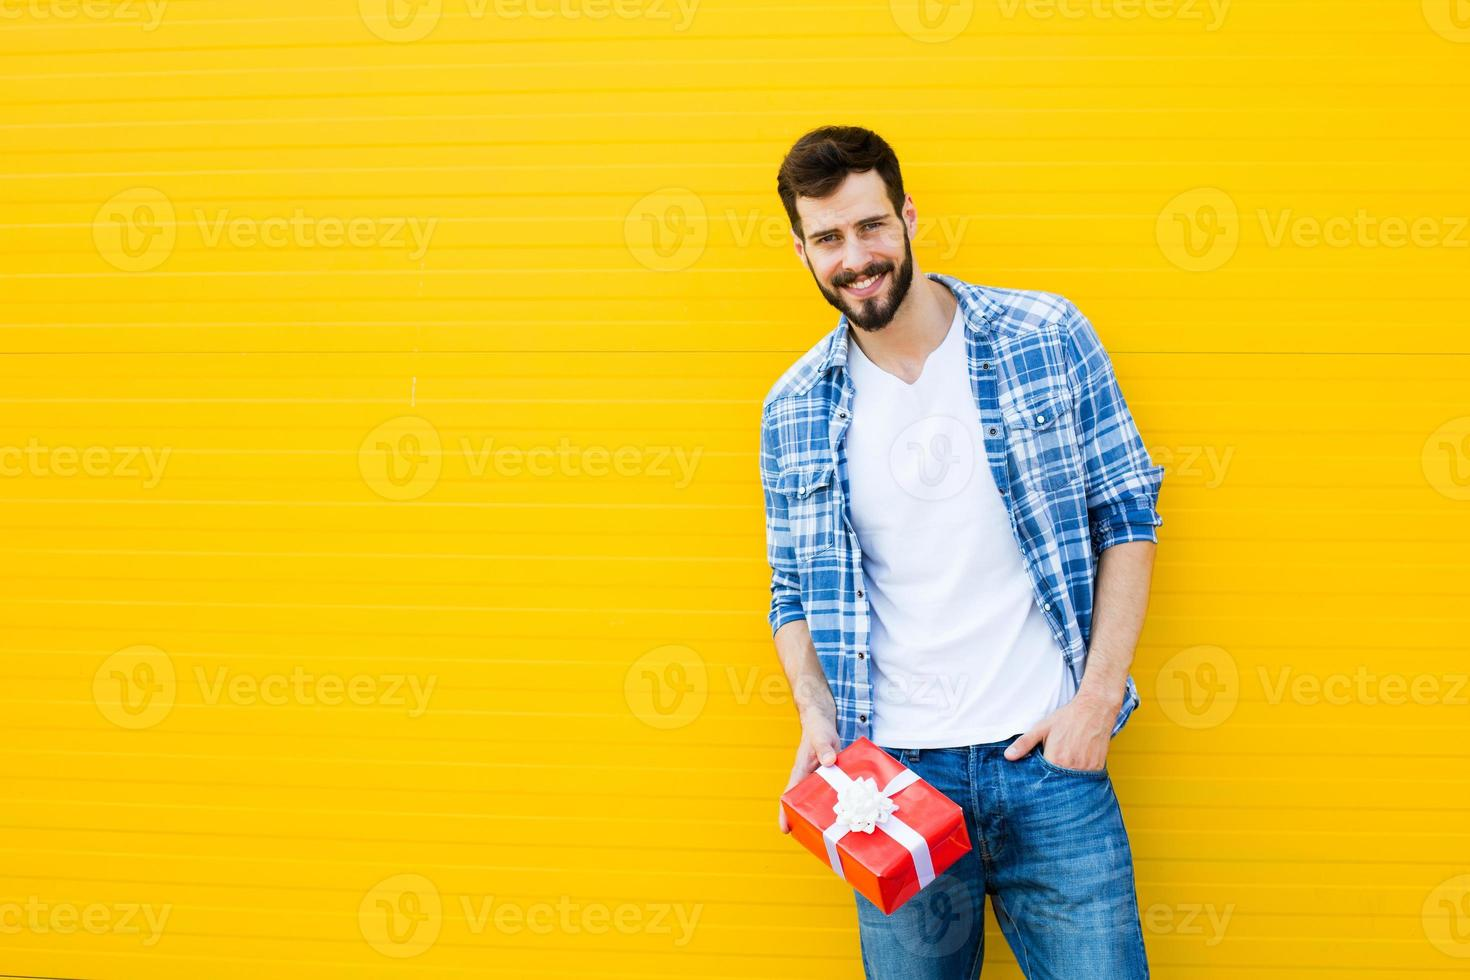 homme adulte avec cadeau rouge, présent photo